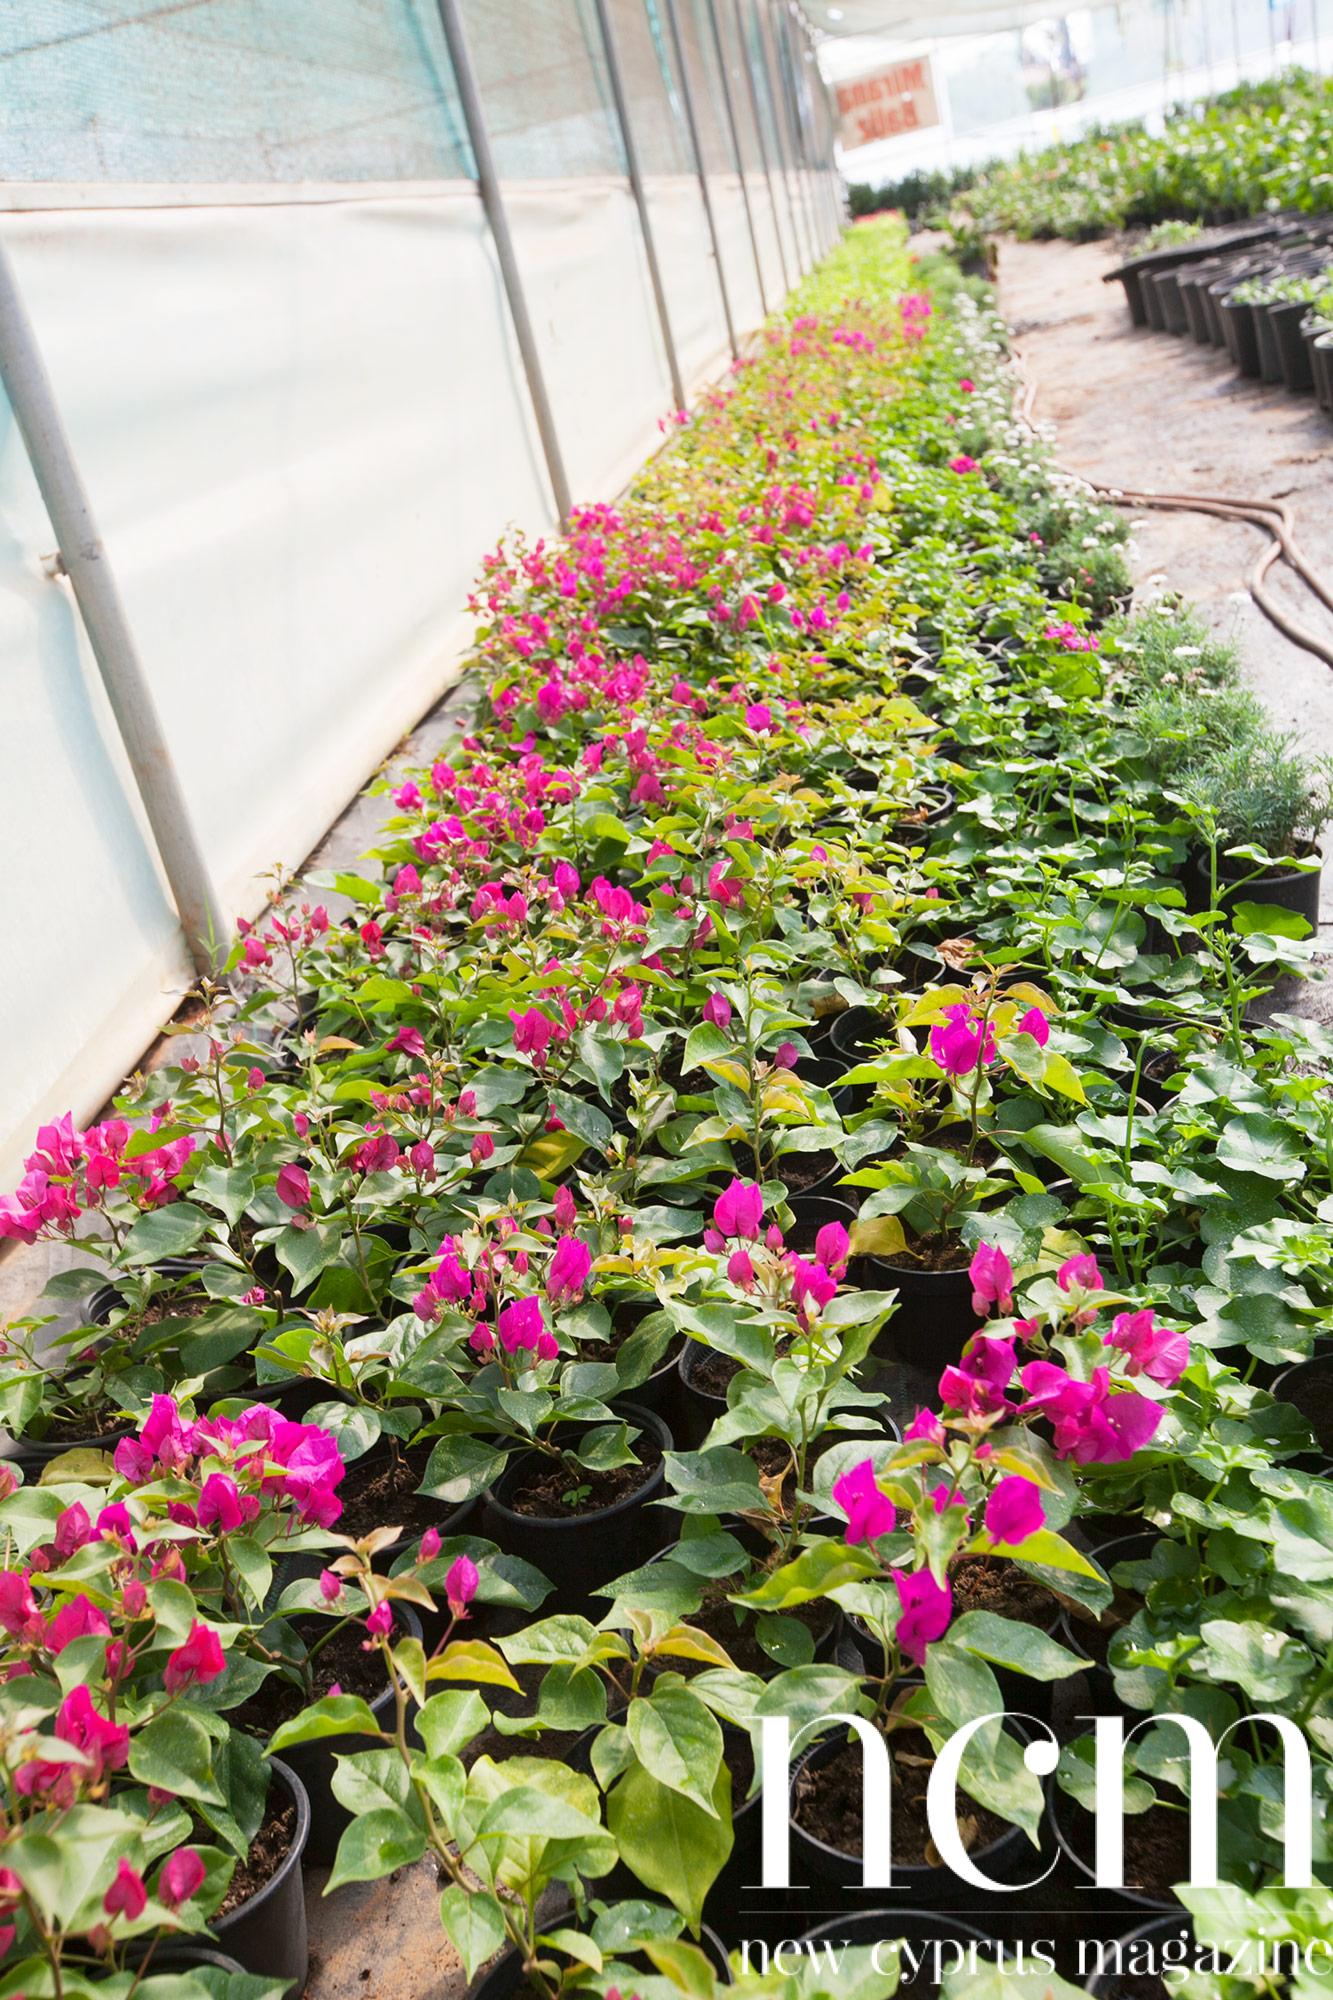 Florist Flower Garden North Cyprus